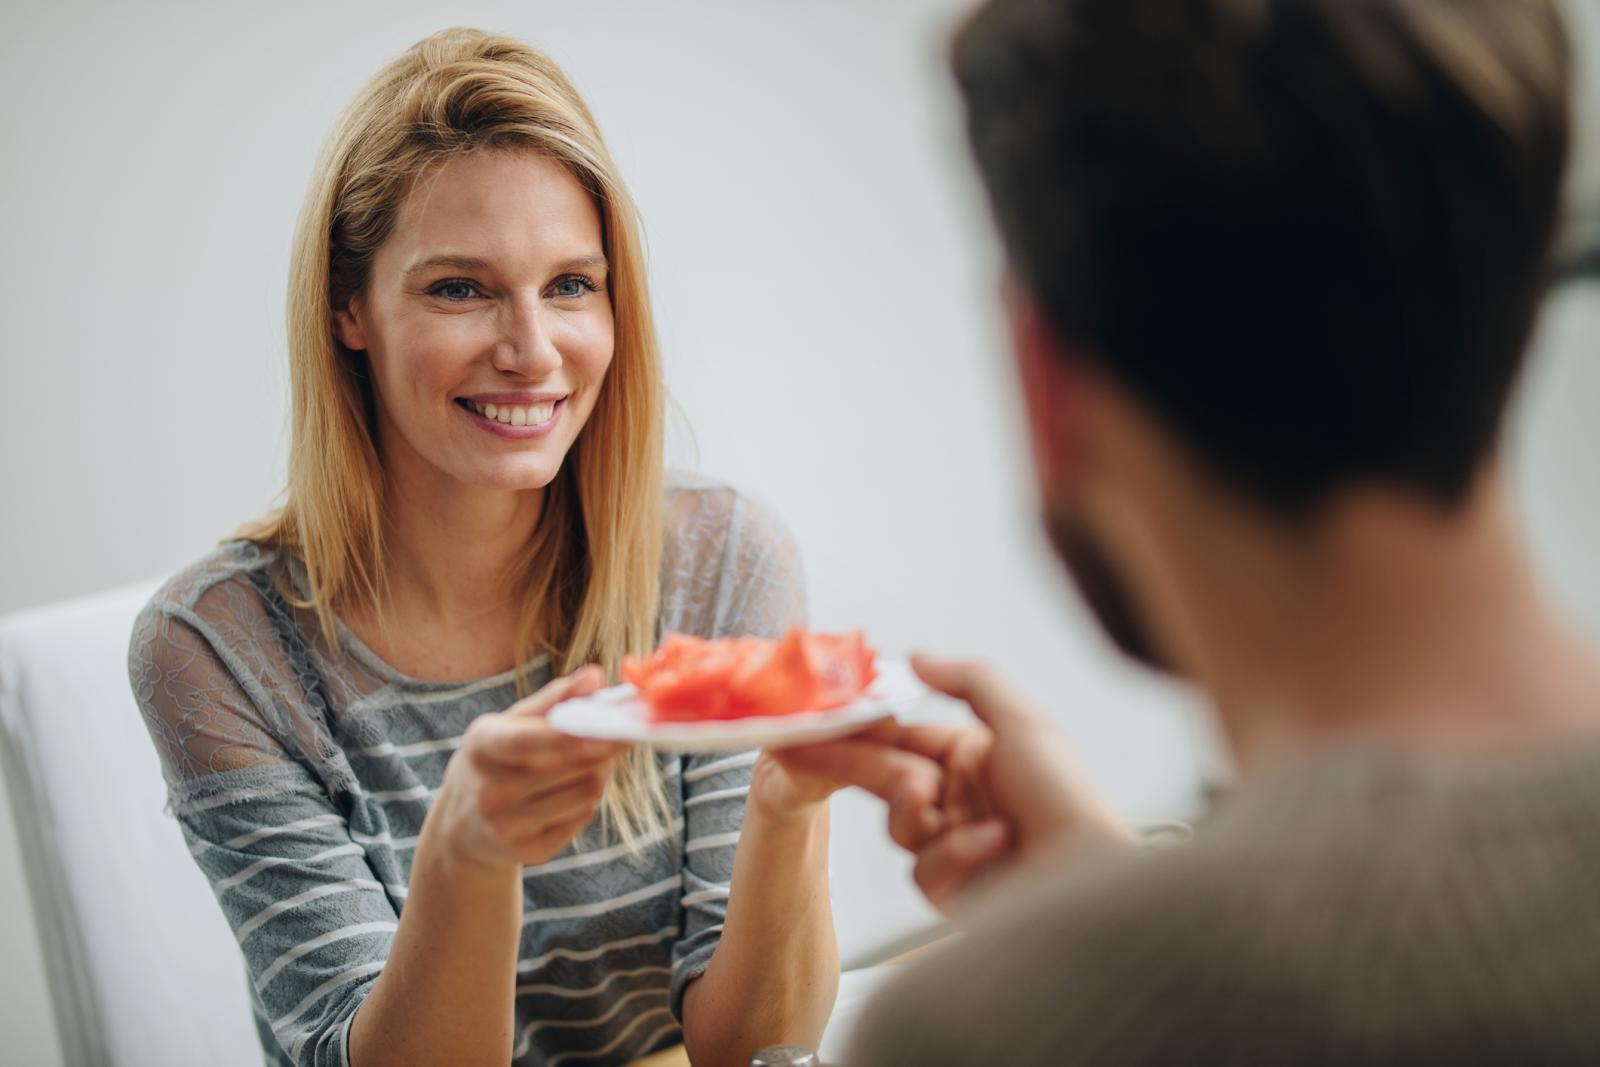 Prehrana bogata rajčicama i voćem donosi niz zdravstvenih koristi, od smanjenja rizika za rak kože do jačanja imunološkog sustava.